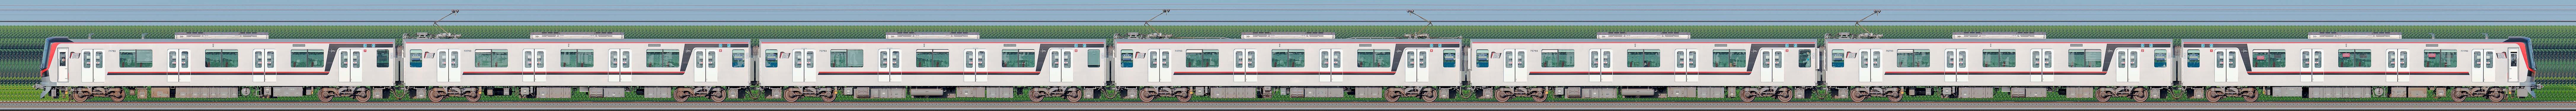 東武70000型71793編成(海側)の編成サイドビュー